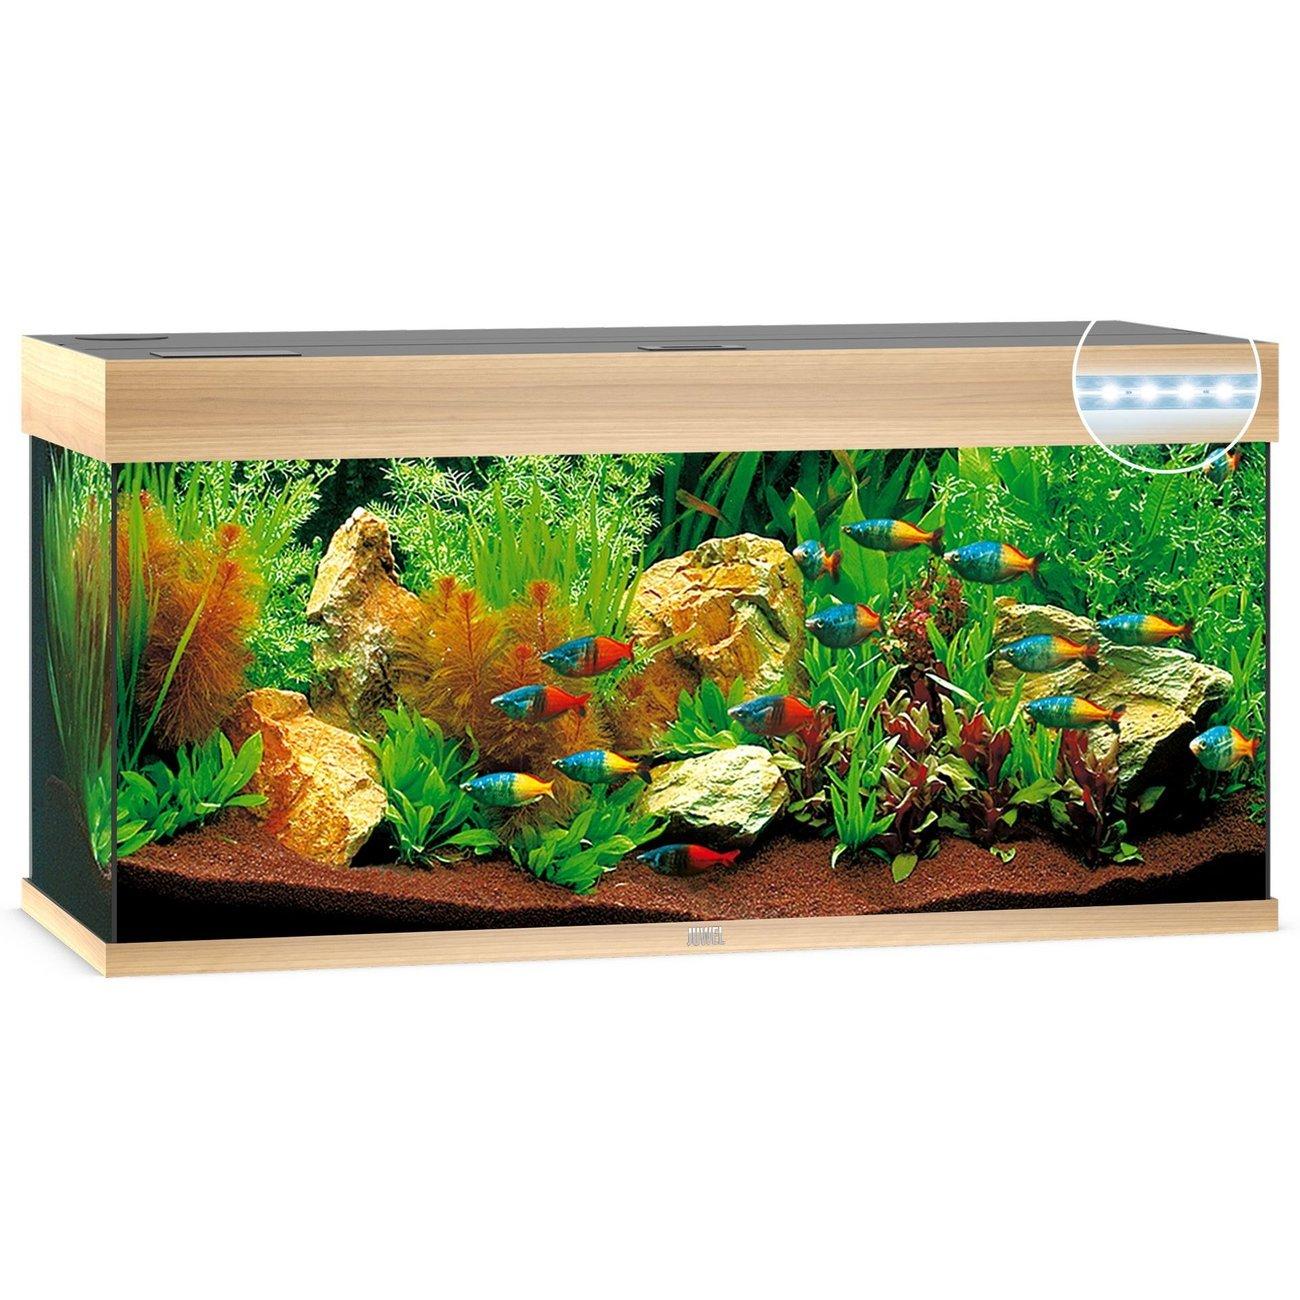 Juwel Rio 180 LED Aquarium, Bild 3